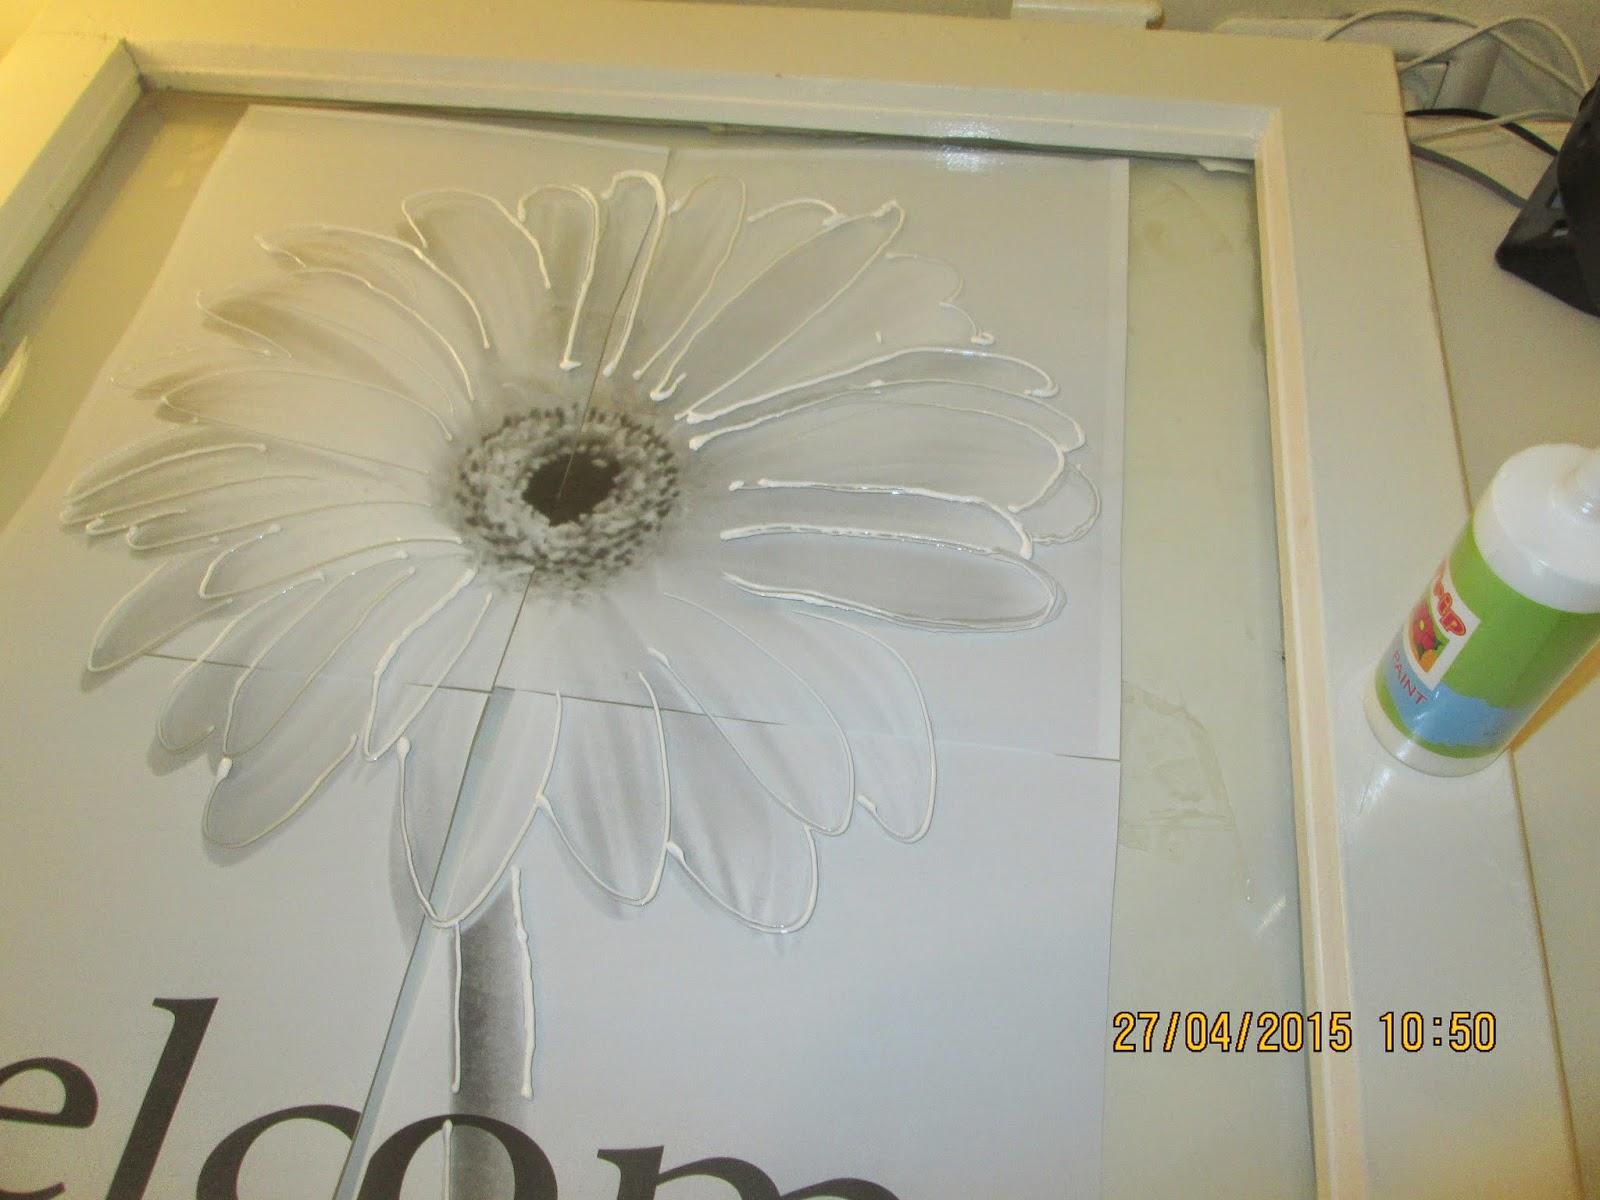 IMG 0005 - מה עושים עם חלון ישן?